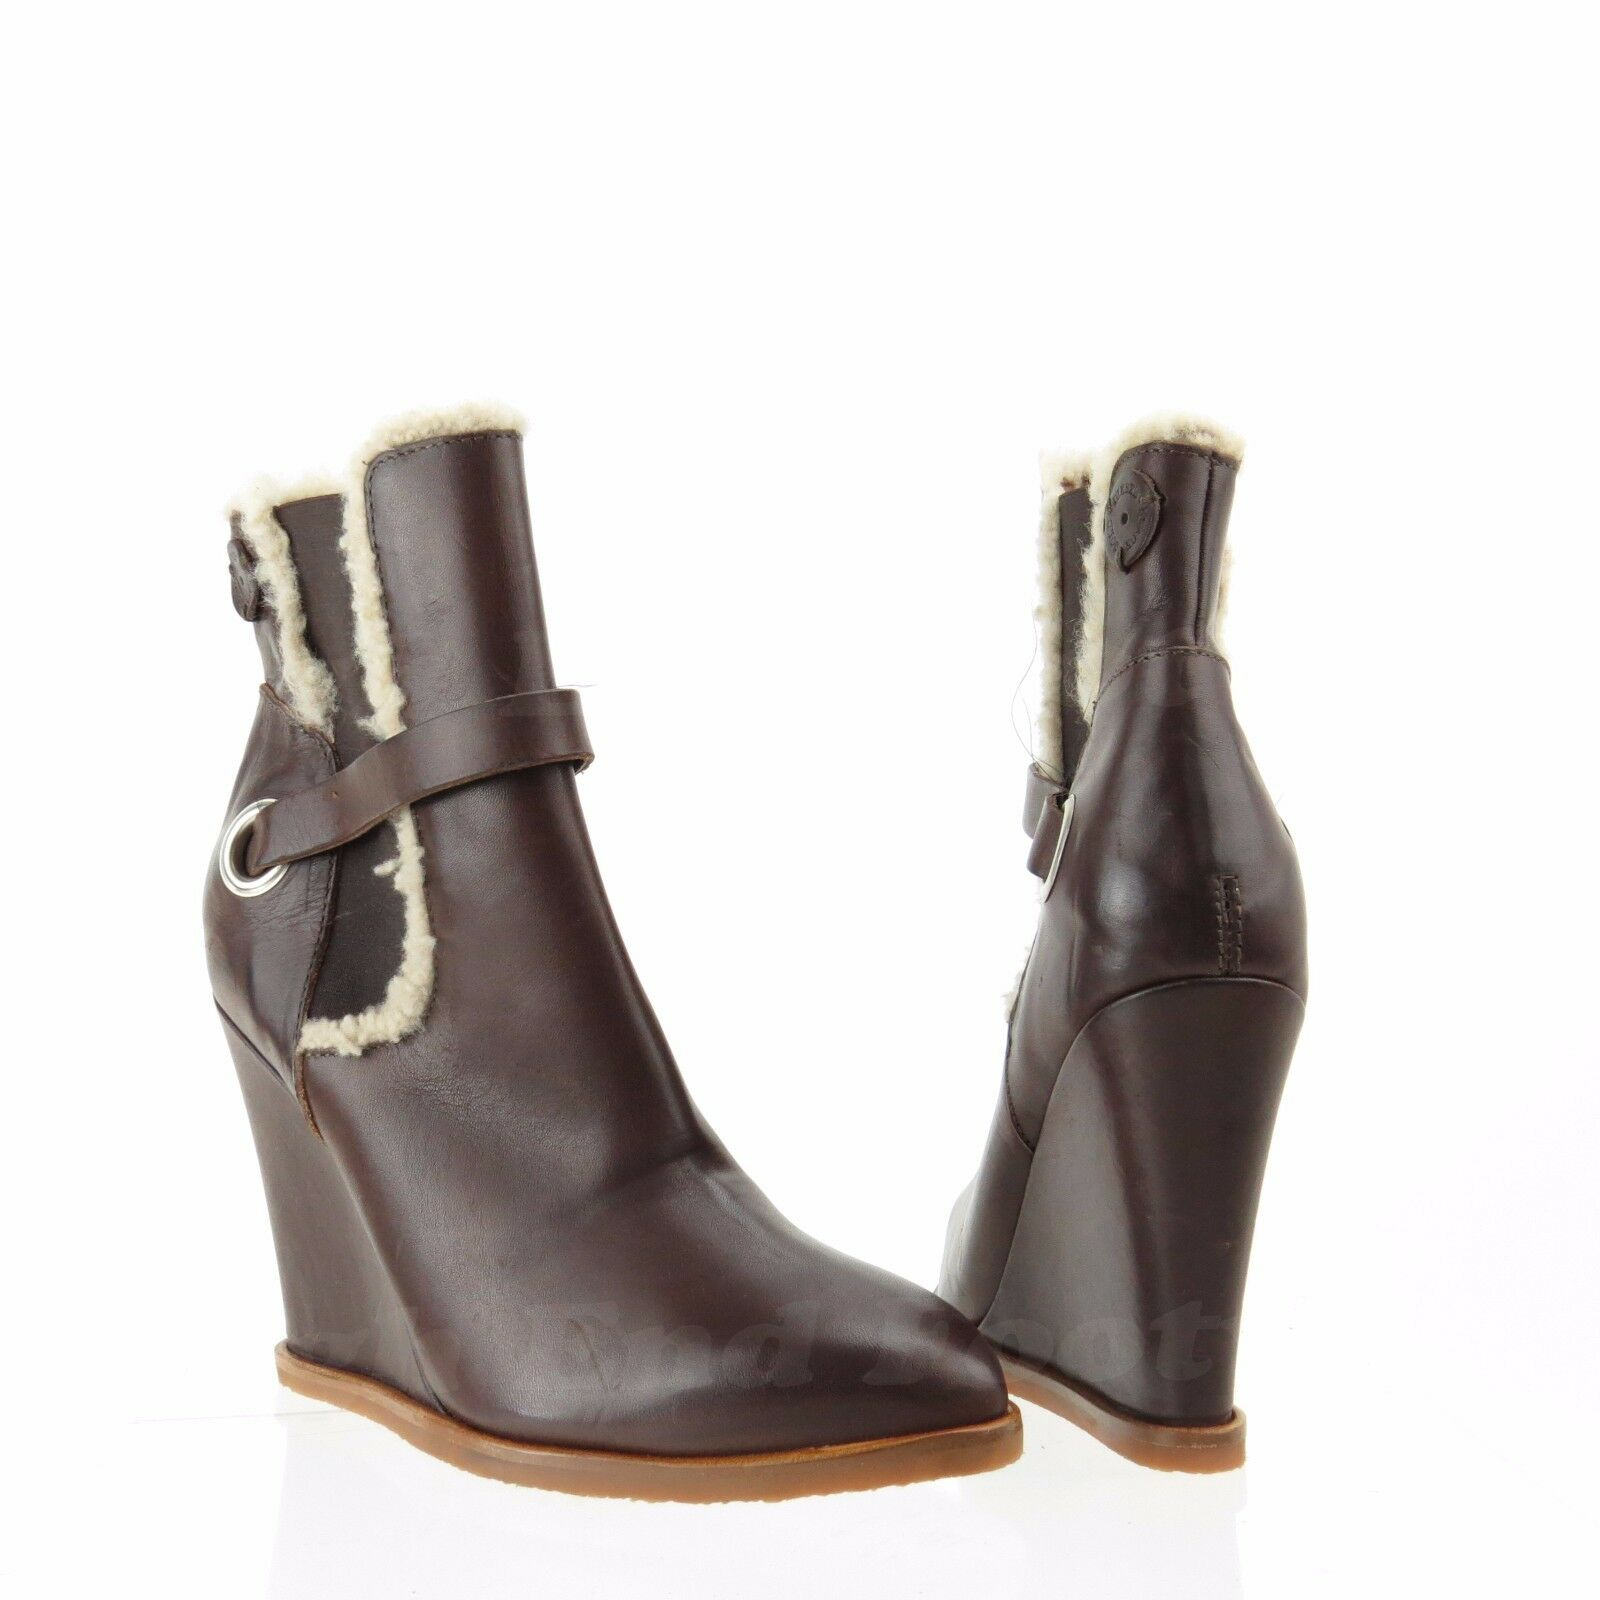 design semplice e generoso Diesel nero & oro 93243 93243 93243 Donna  Dark Marrone Leather Wedge stivali Sz 36 NEW  325  acquista la qualità autentica al 100%